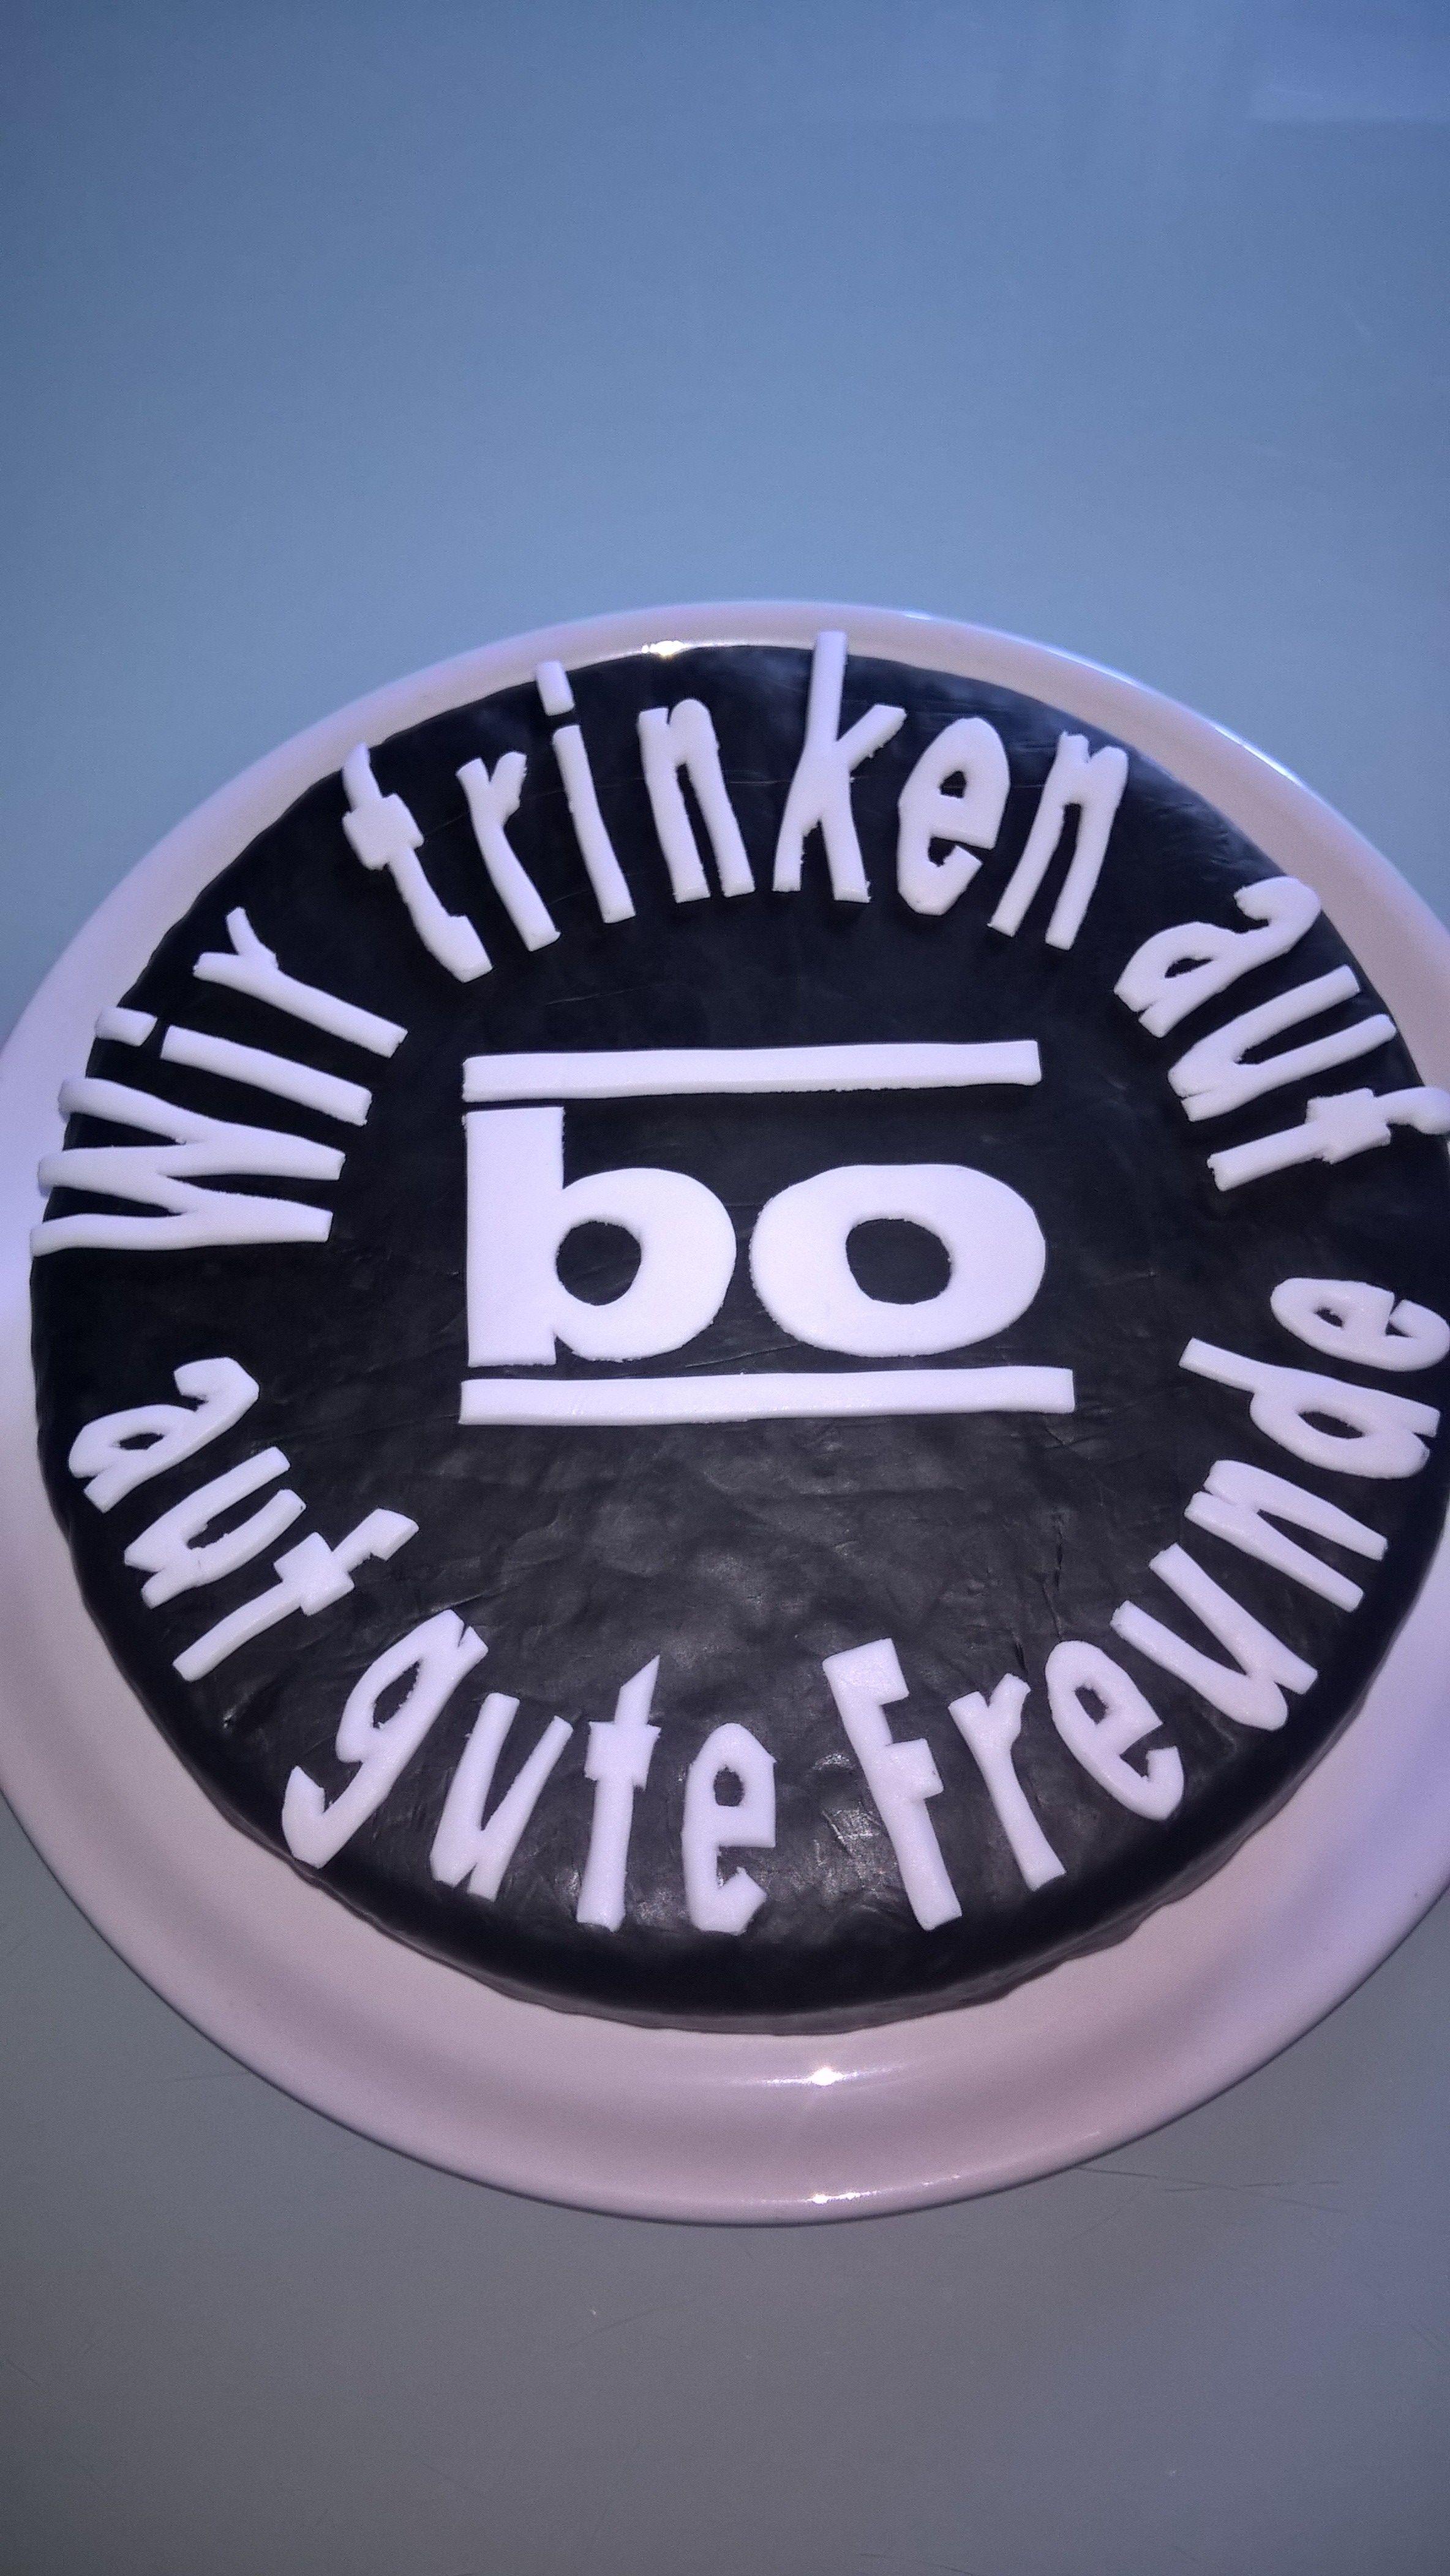 Böhse Onkelz Fondant Kuchen | Onkelz | Pinterest | Onkelz, Fondant ...